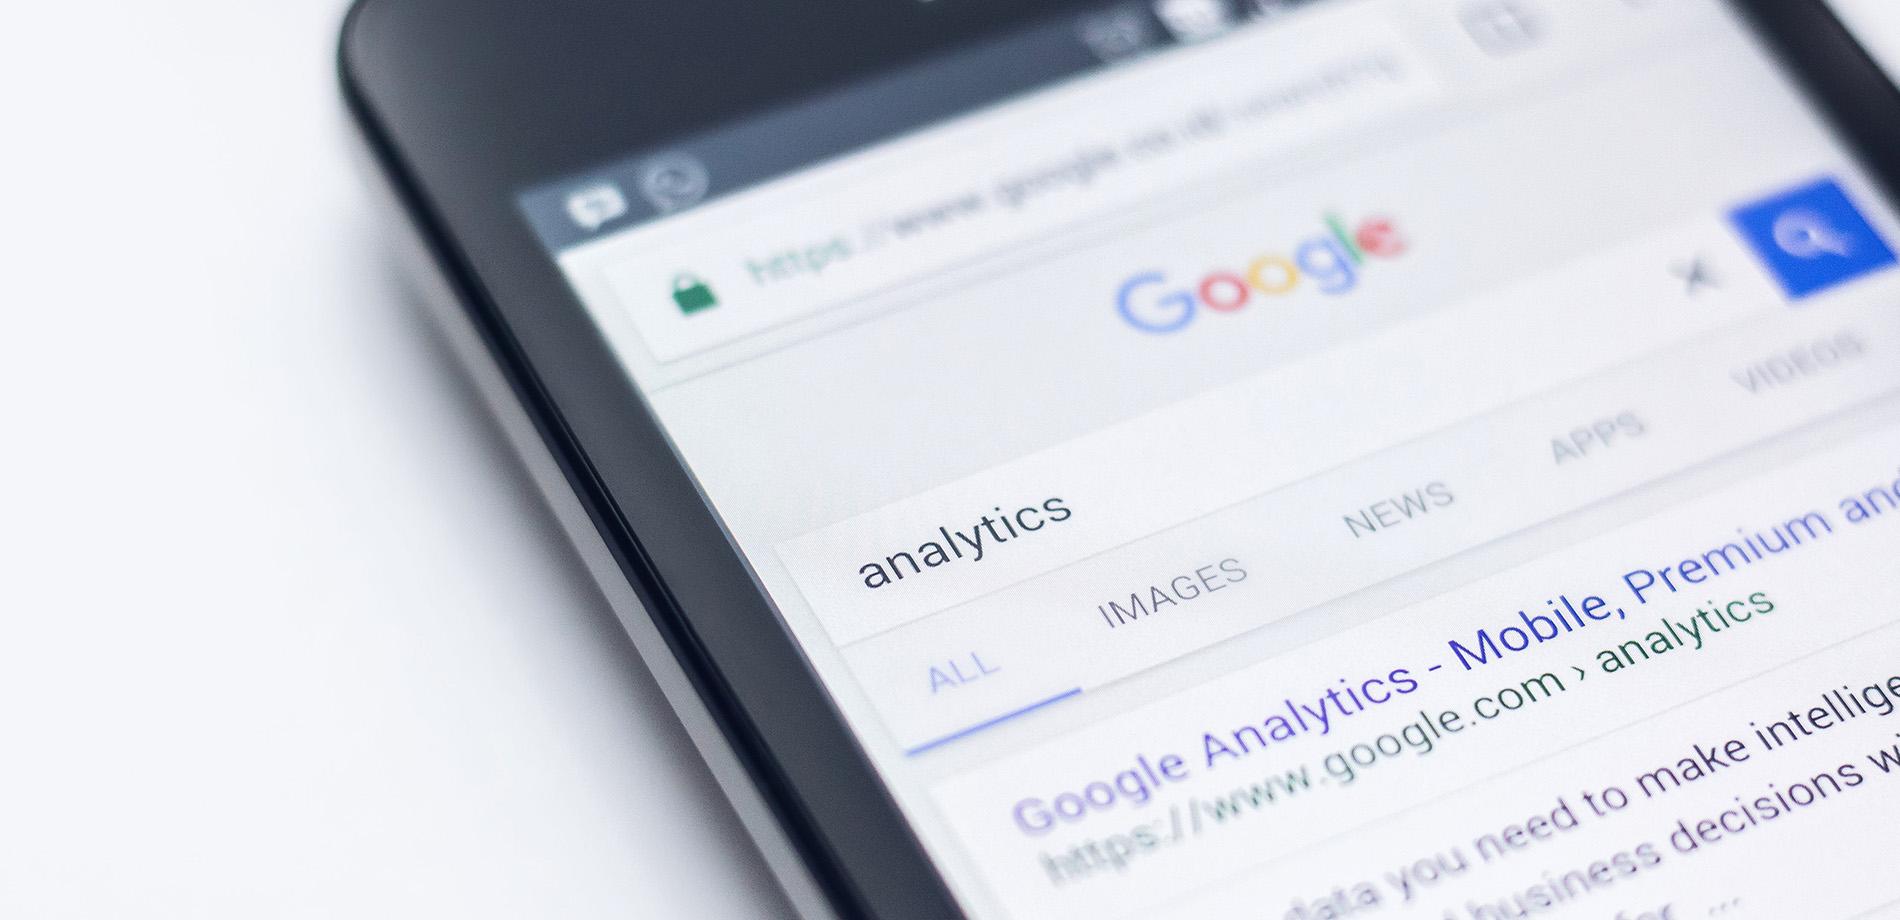 Google Analytics 4, nueva herramienta google, google, analítica google, novedades google, que utilizo para analizar web, web google analytics, google analytics cuatro, app web google, google 2021, google 2020